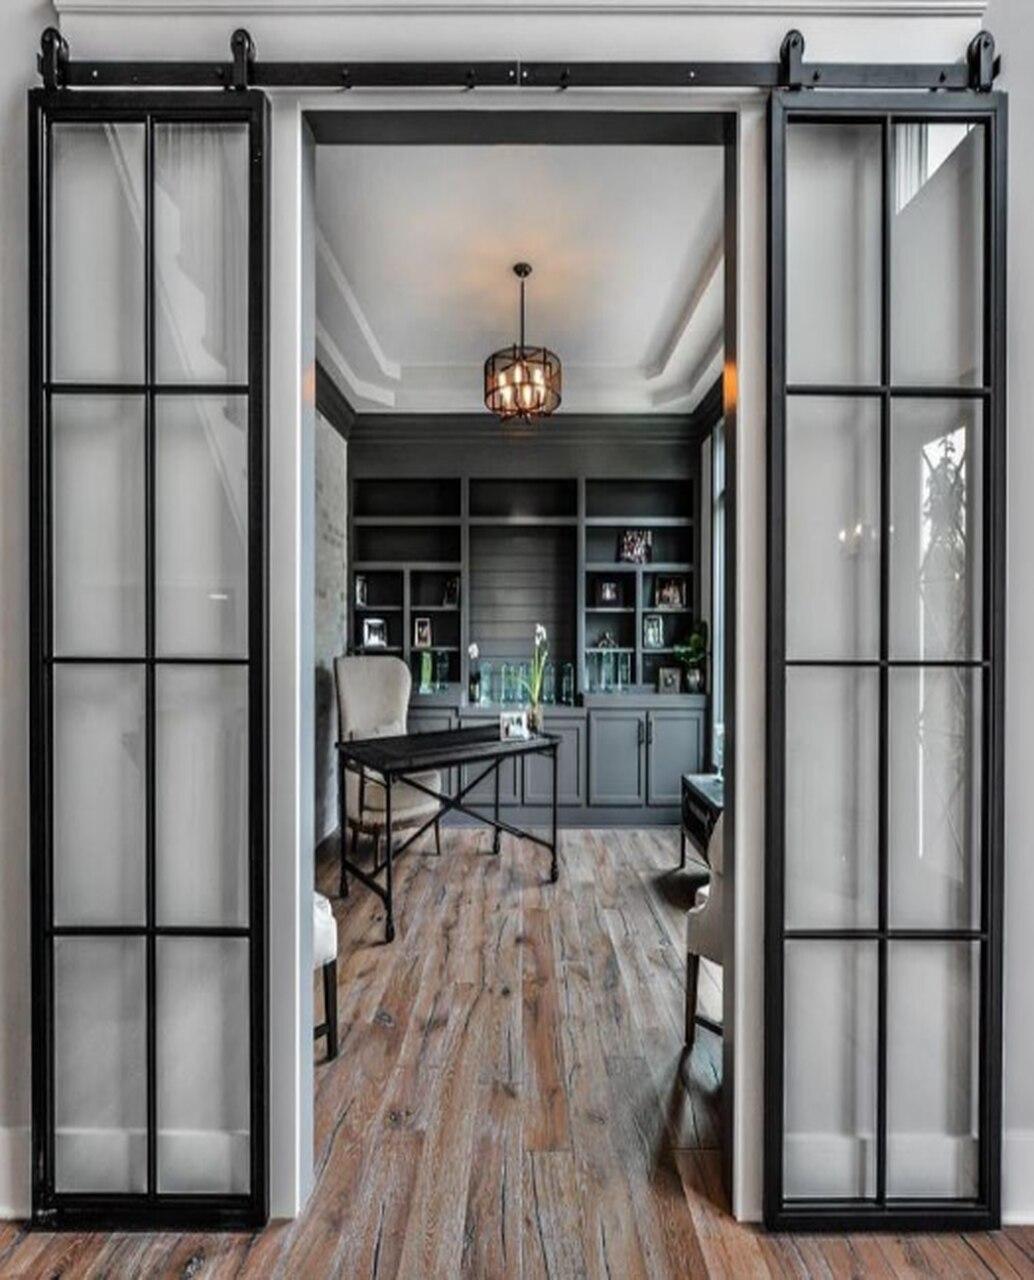 glass-pane-double-sliding-barn-doors.jpg